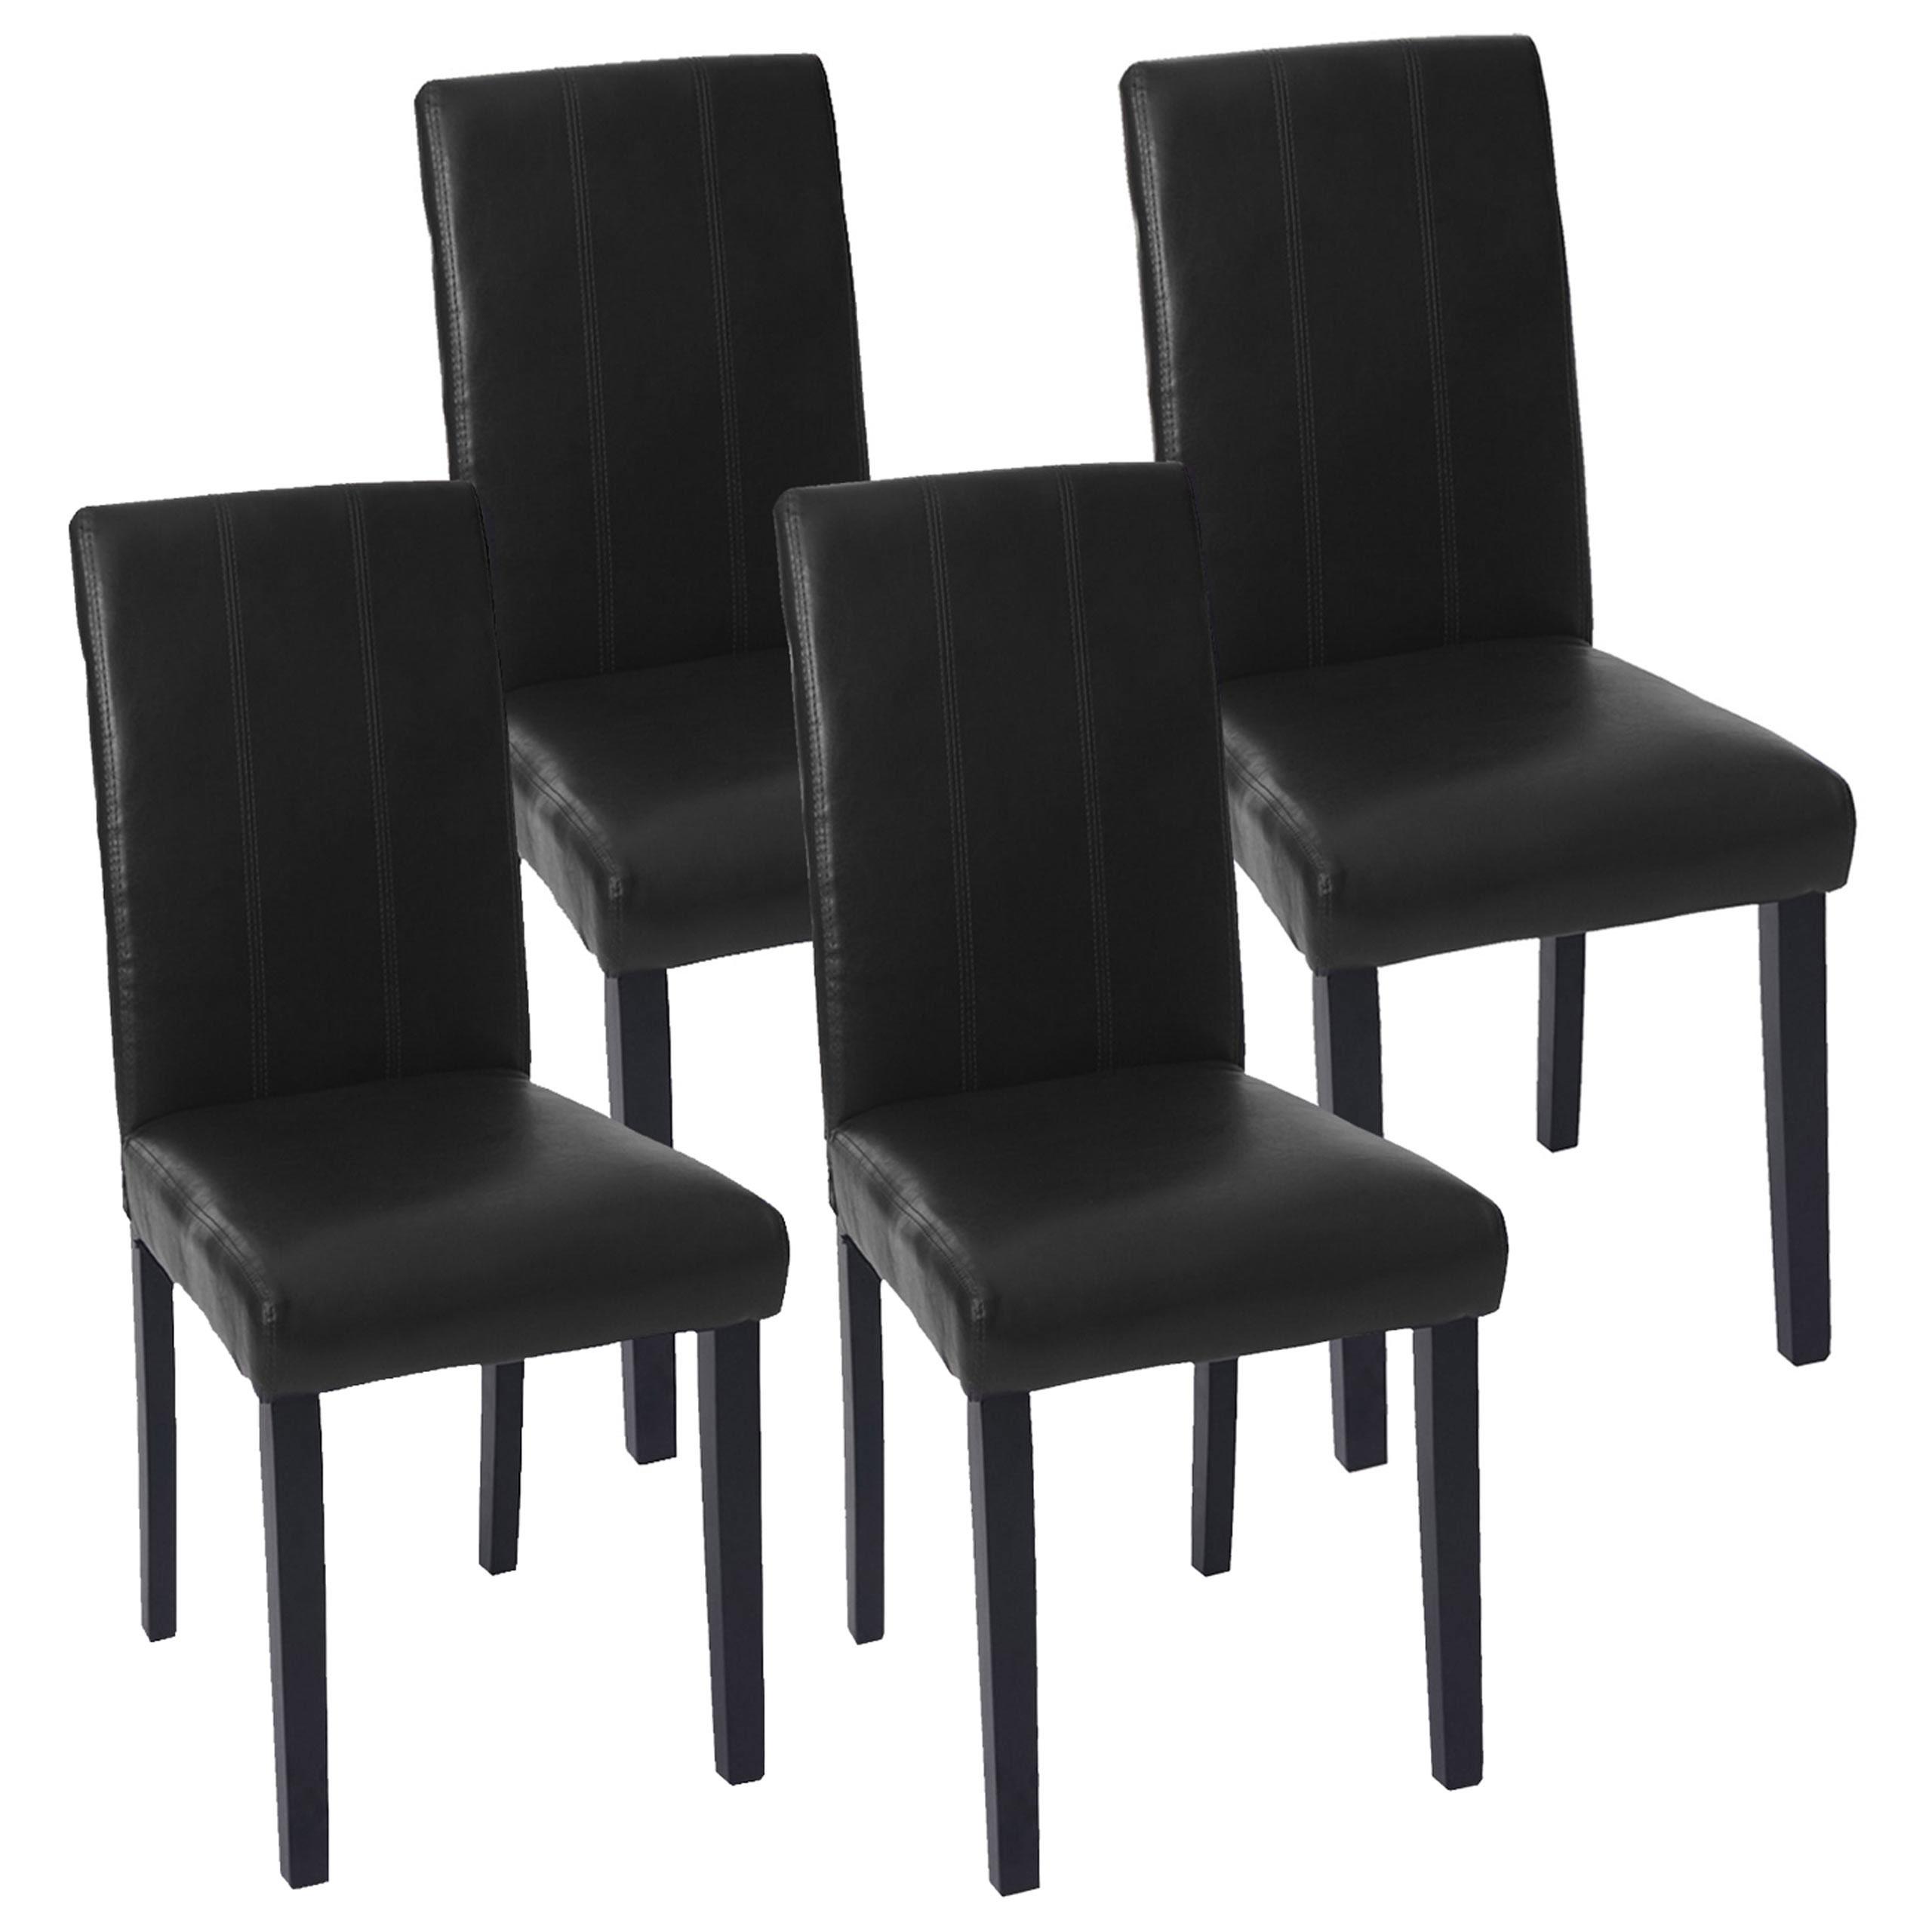 4x esszimmerstuhl florina stuhl lehnstuhl kunstleder schwarz dunkle beine. Black Bedroom Furniture Sets. Home Design Ideas